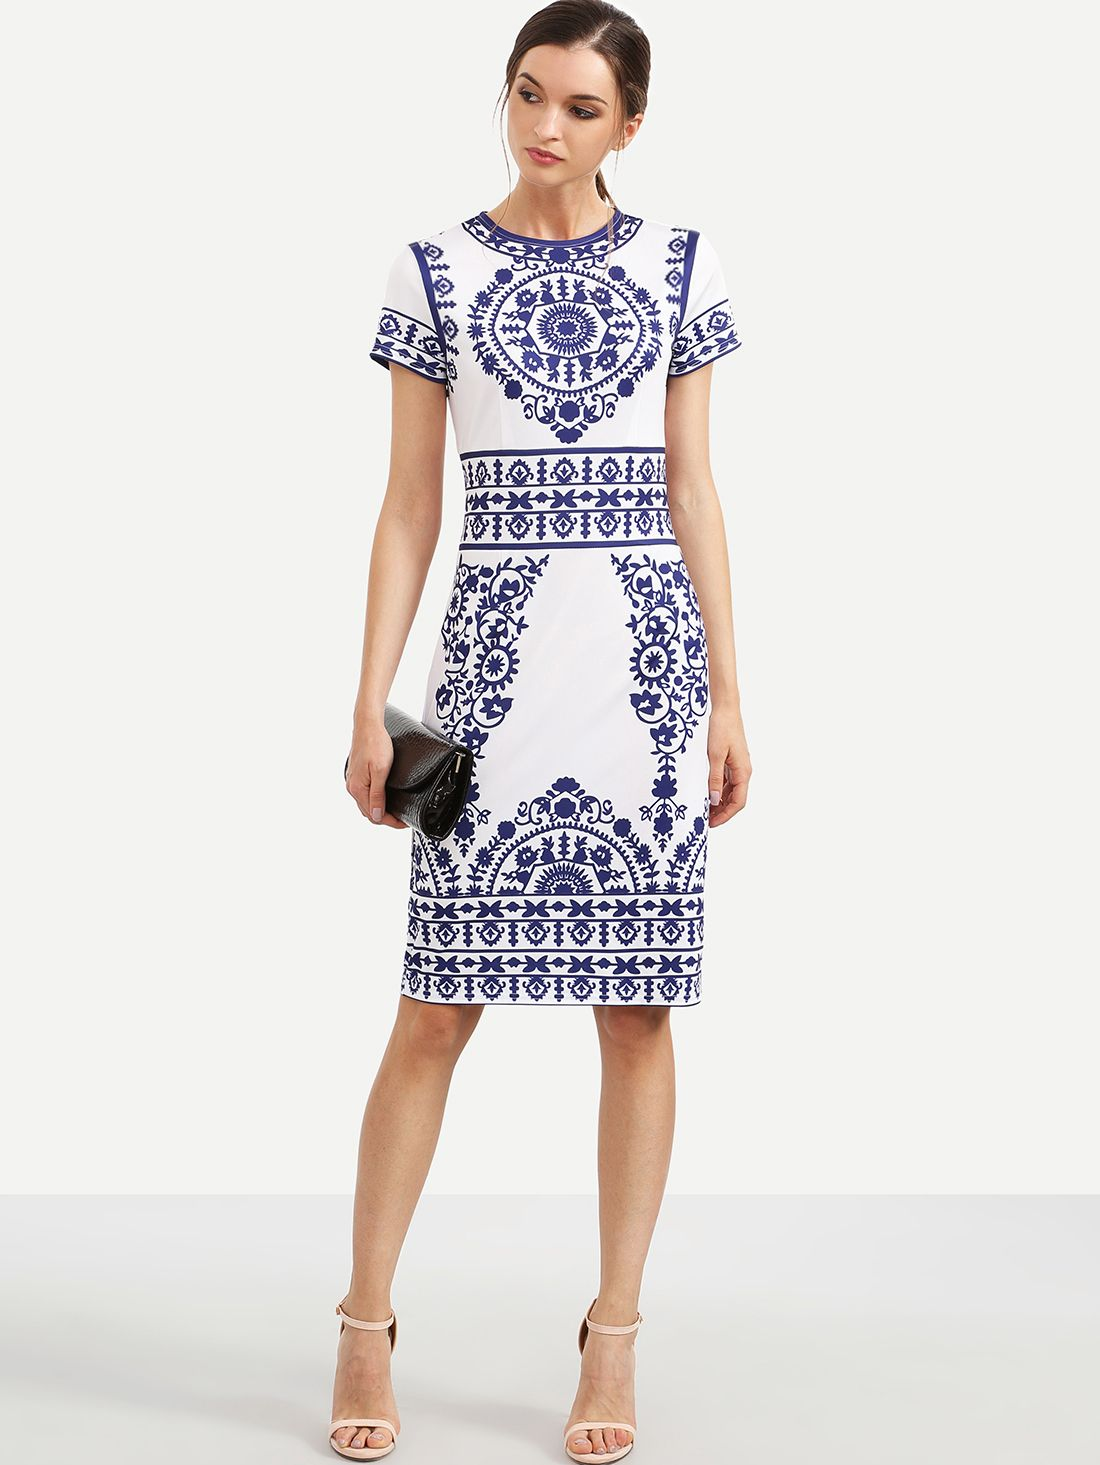 Robe fourreau imprimé manche courte - bleu blanc